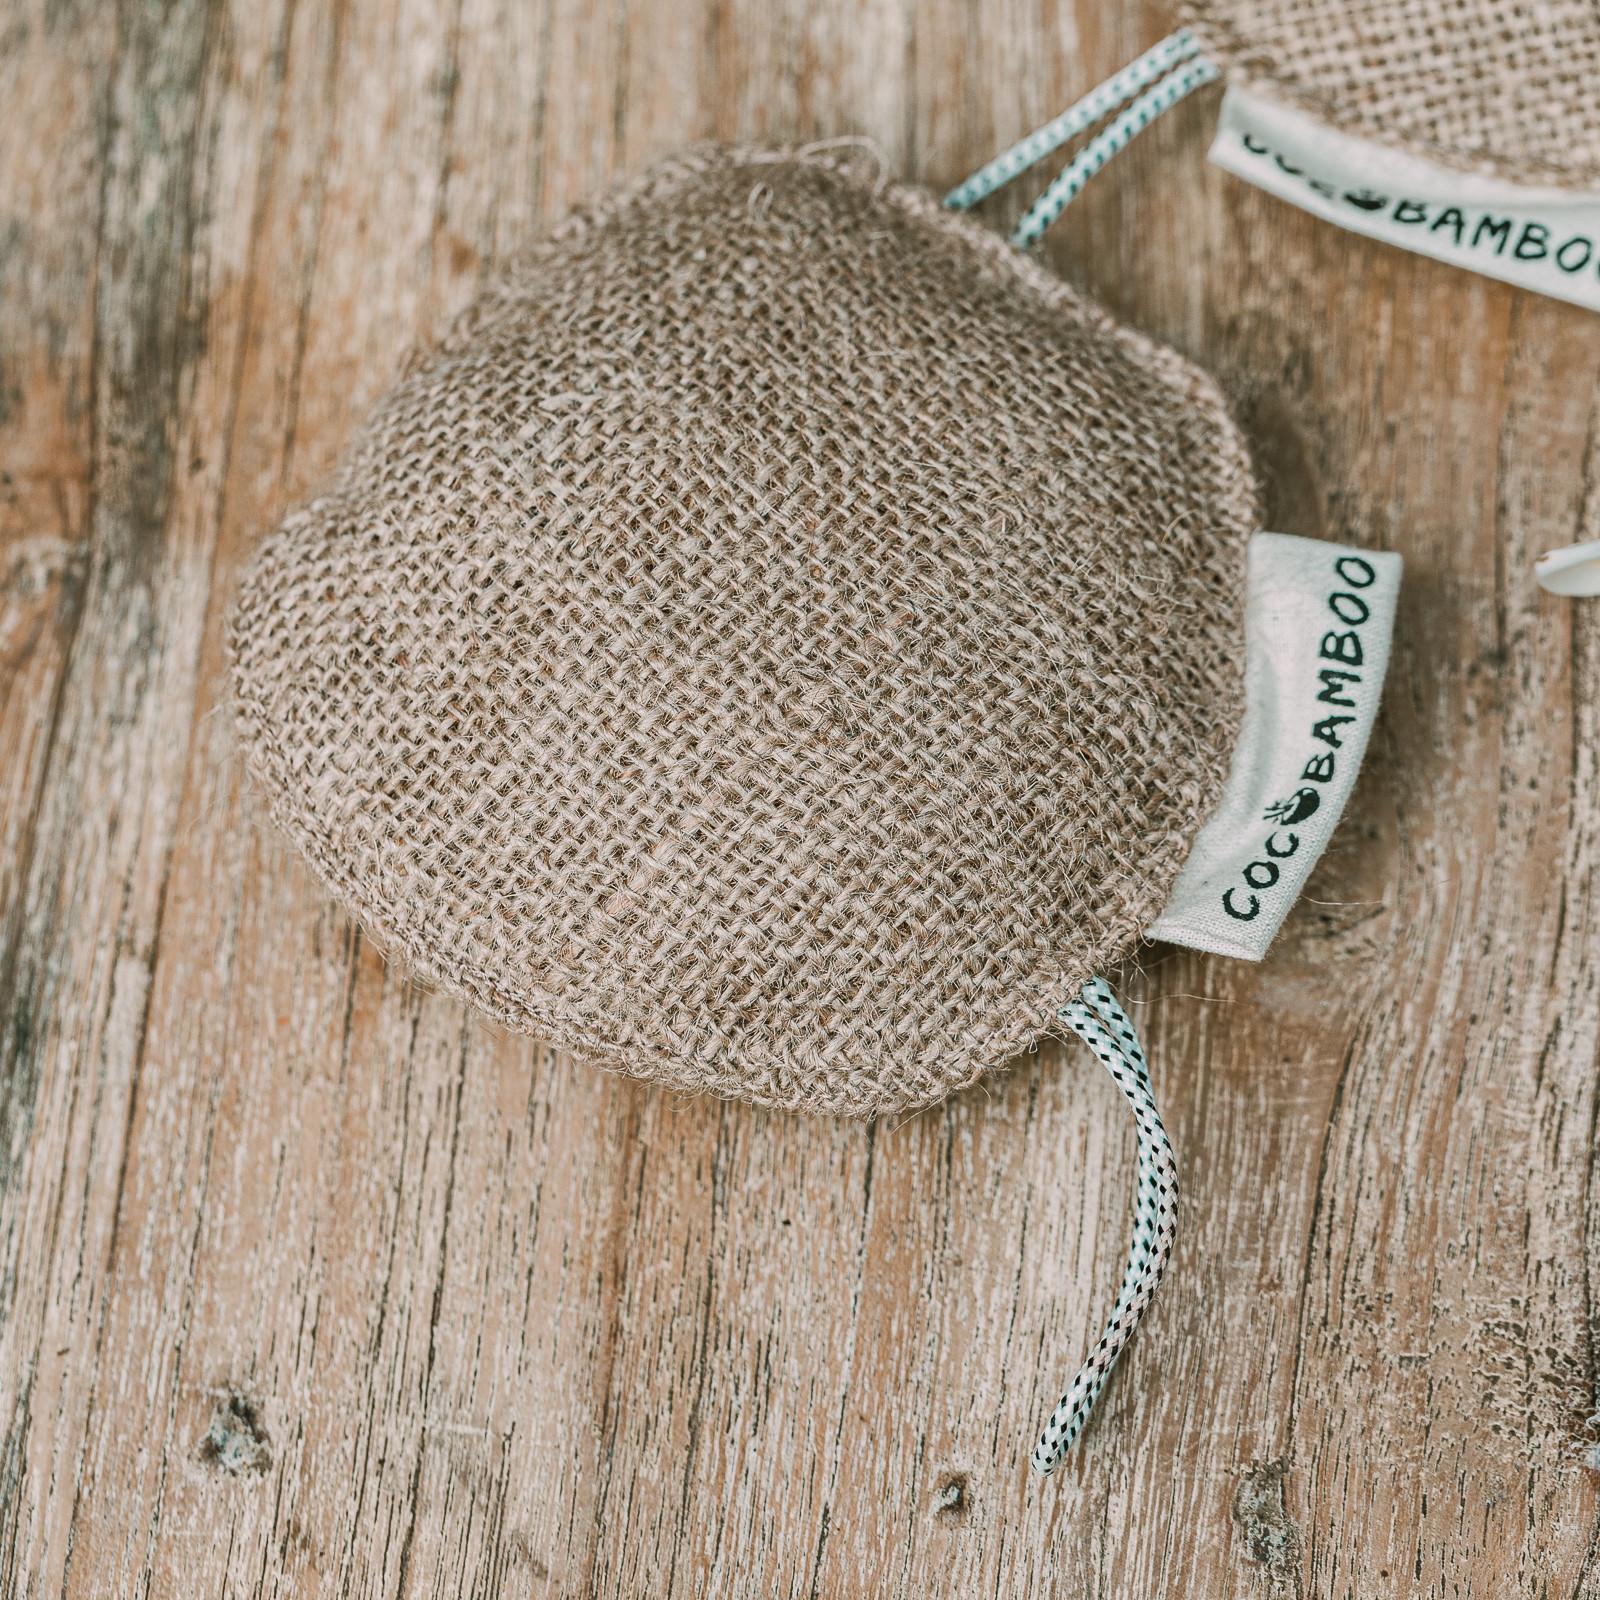 Kokosowa myjka do naczyń - COCOBAMBOO